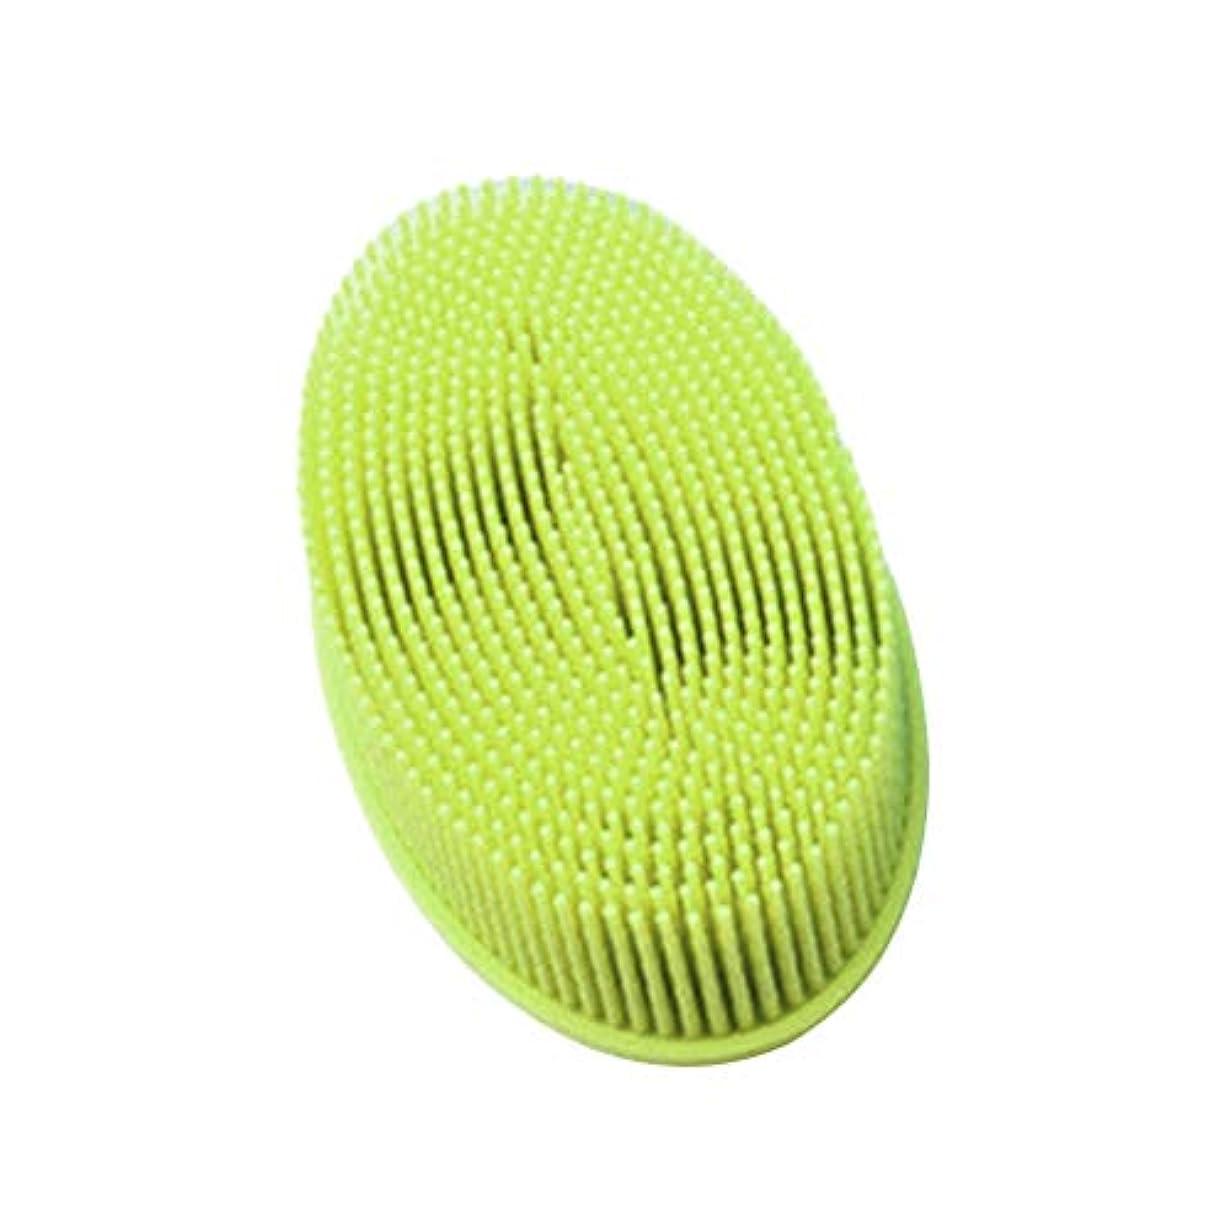 葬儀時間香港TOPBATHY シリコンシャワーブラシ 頭皮 洗顔 ボディブラシ お風呂 柔らかい 体洗いブラシ 肌にやさしい 多機能 角質除去 疲れ解消(グリーン)